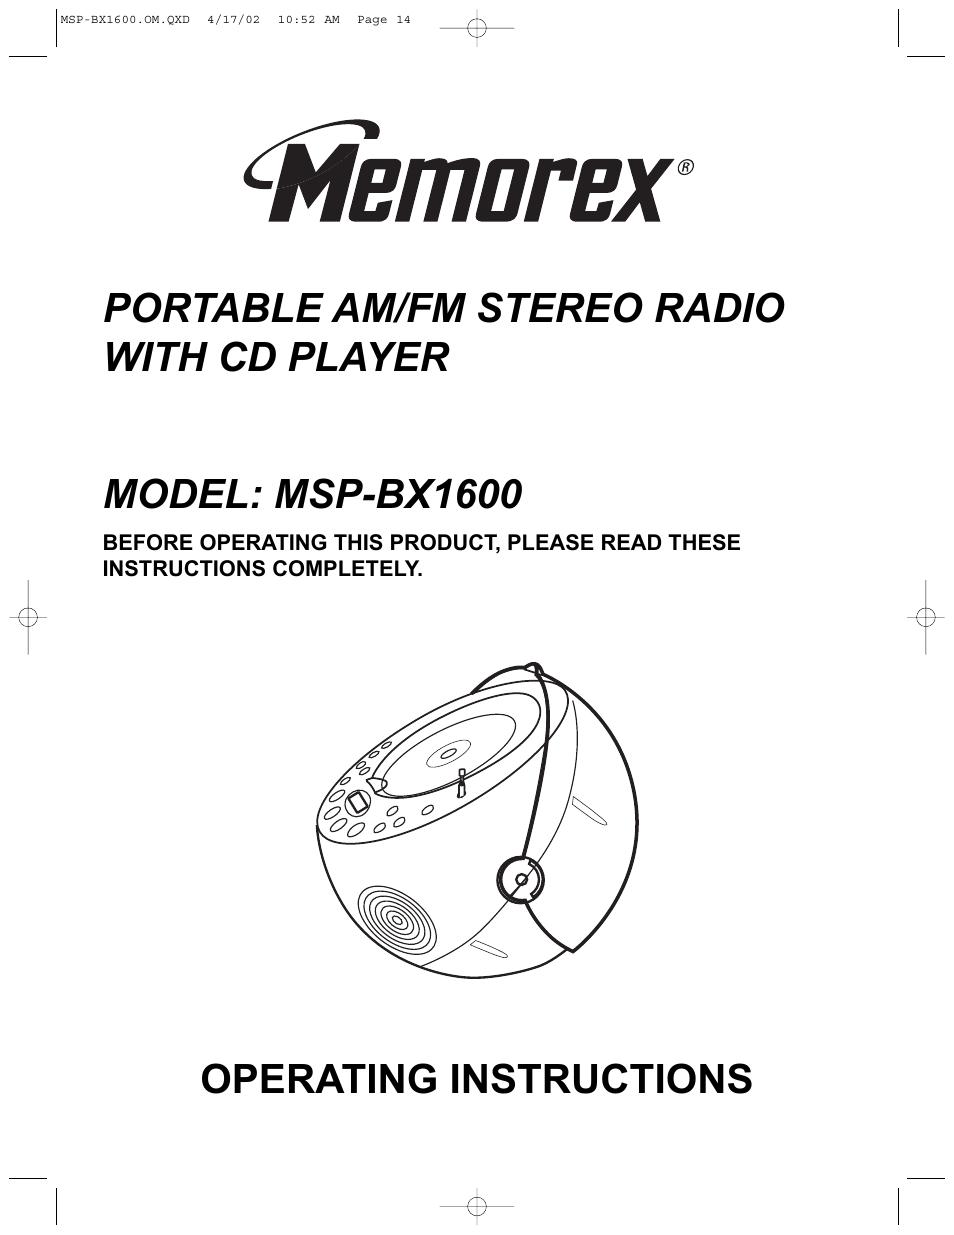 memorex msp bx1600 user manual 14 pages rh manualsdir com memorex model mb2059c instruction manual User Manual